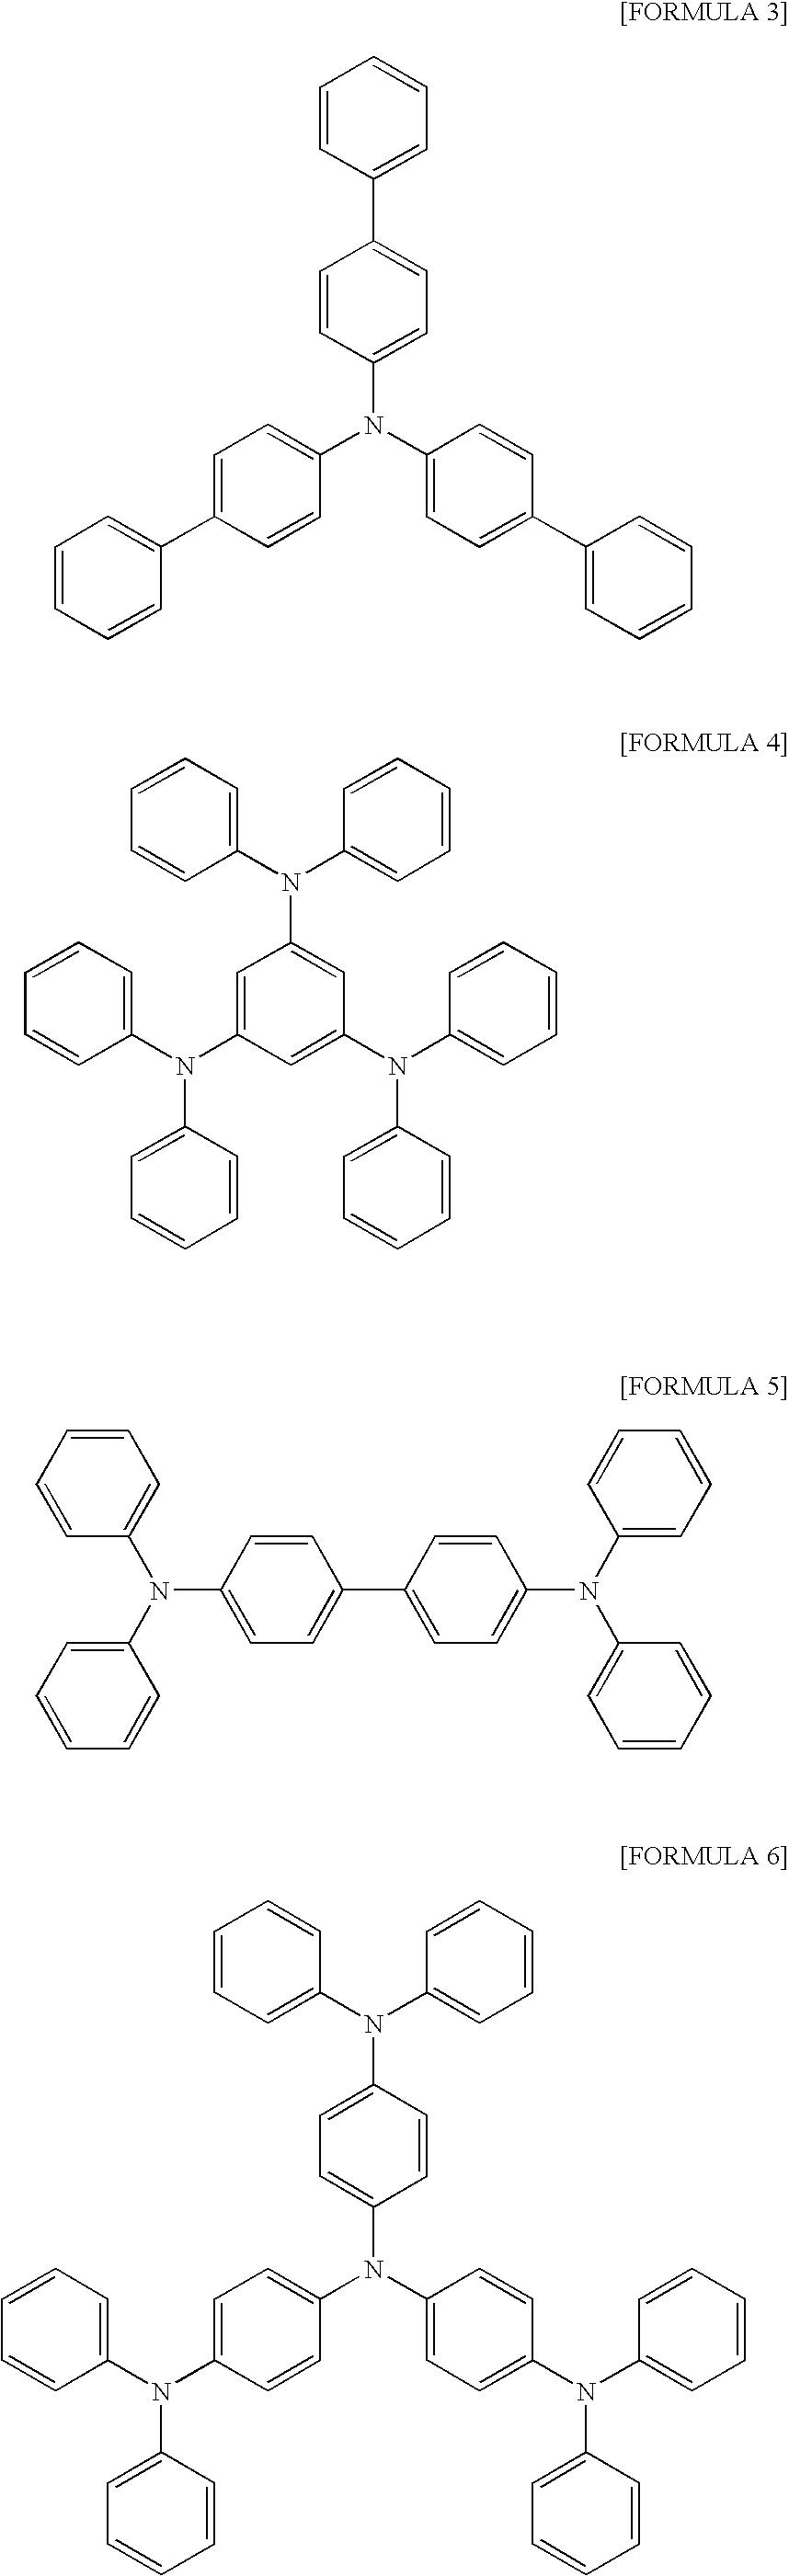 Figure US20100187513A1-20100729-C00003